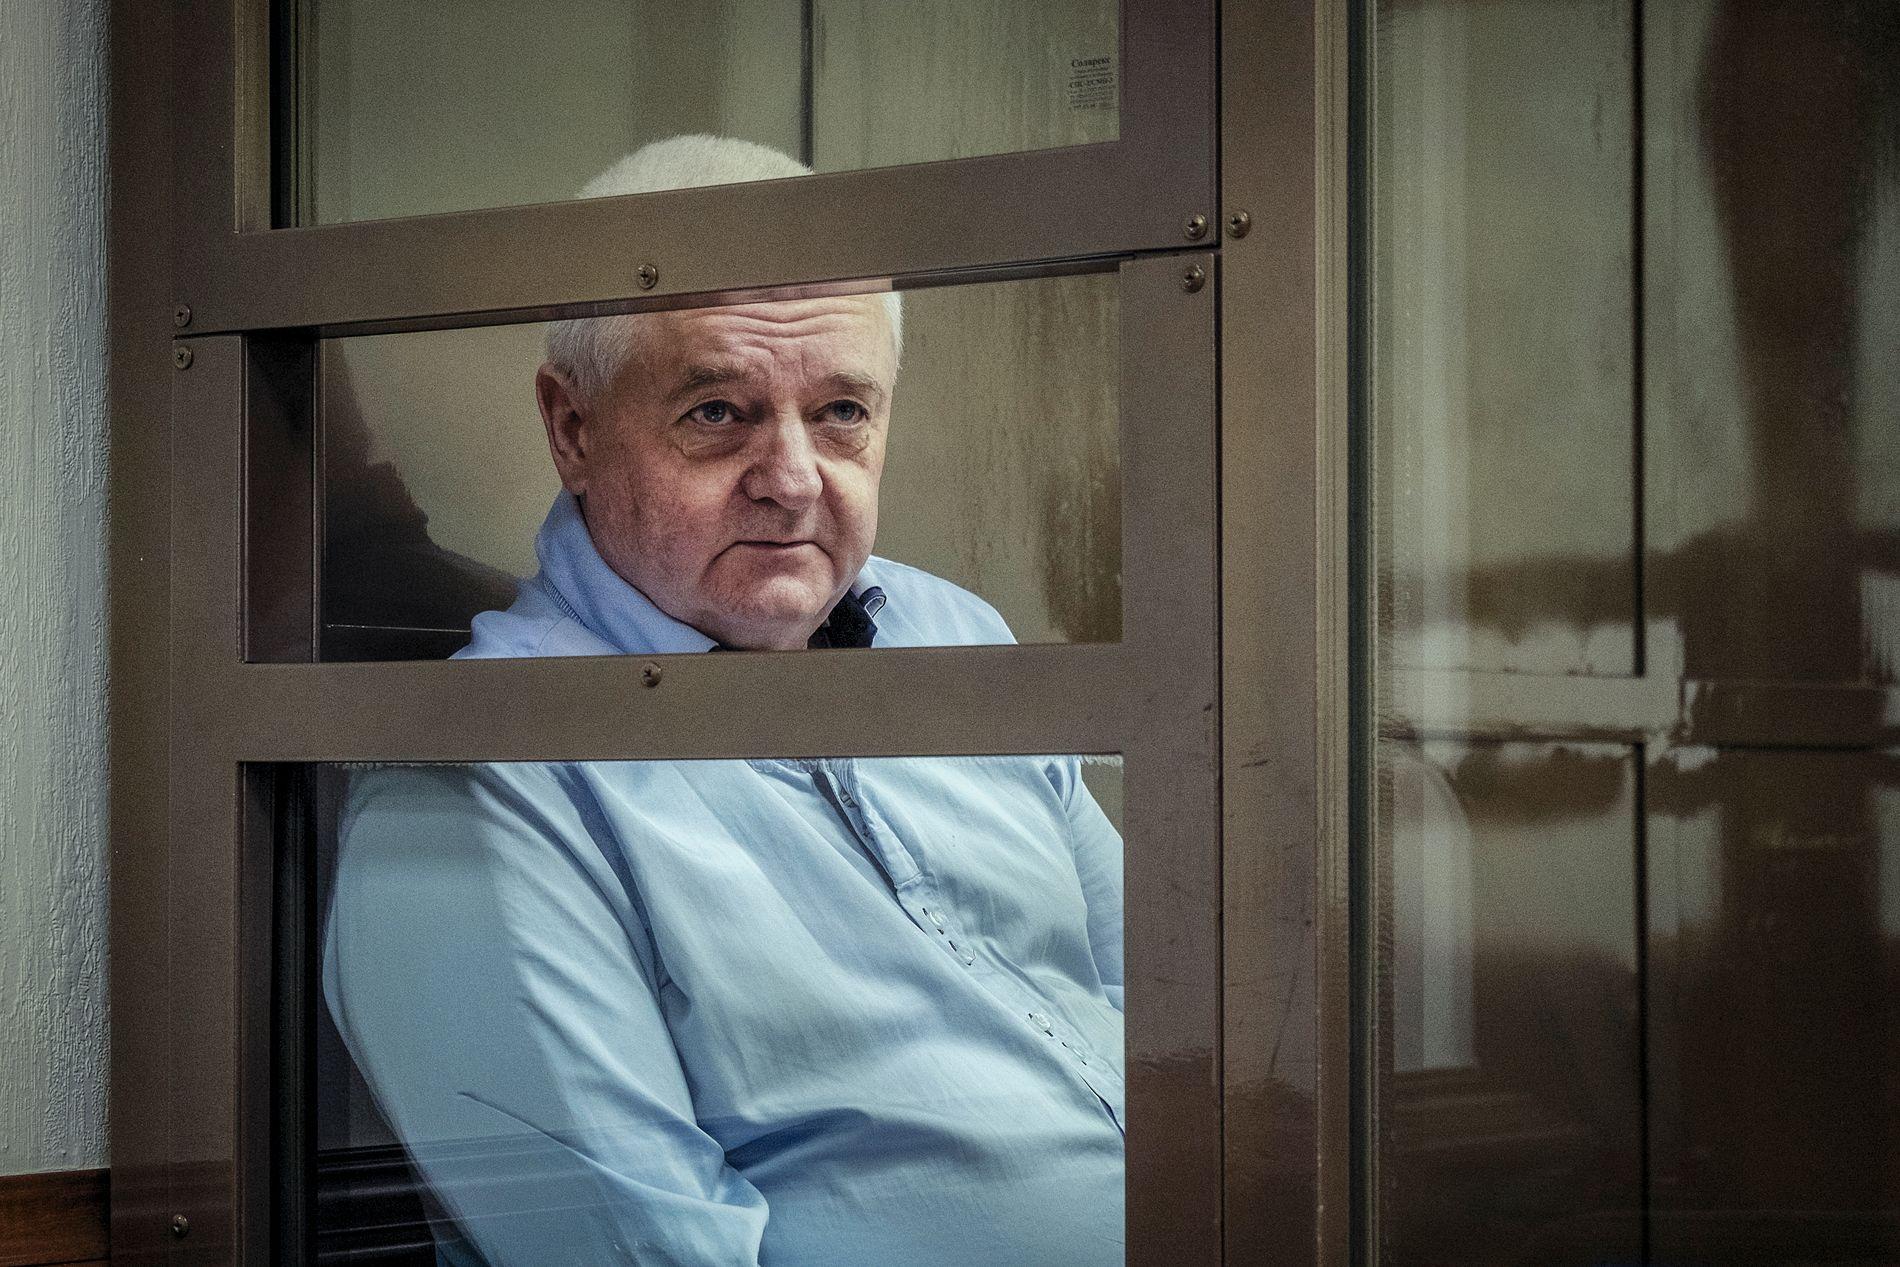 INNSTENDIG: Den spiontiltalte nordmannen Frode Berg ber innstendig norske myndigheter om å ta ansvar for å få ham hjem når dommen i saken mot ham er falt. Det skjer etter planen 16. april.